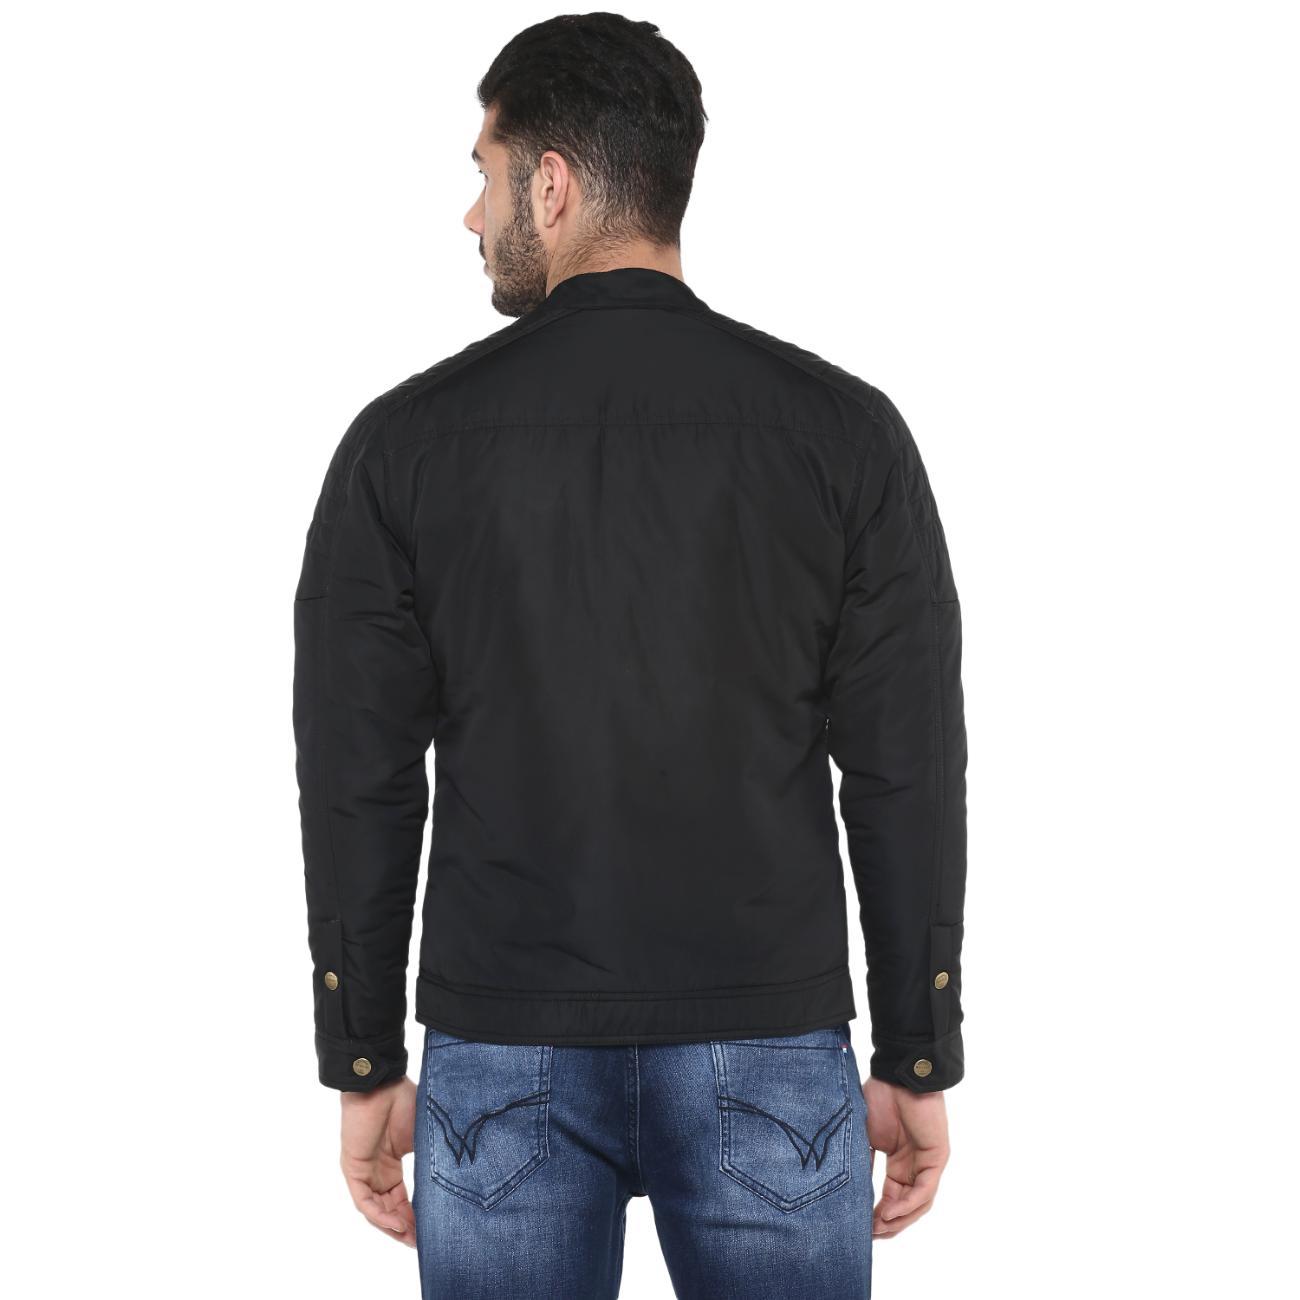 Shop Black Jacket for Men Online